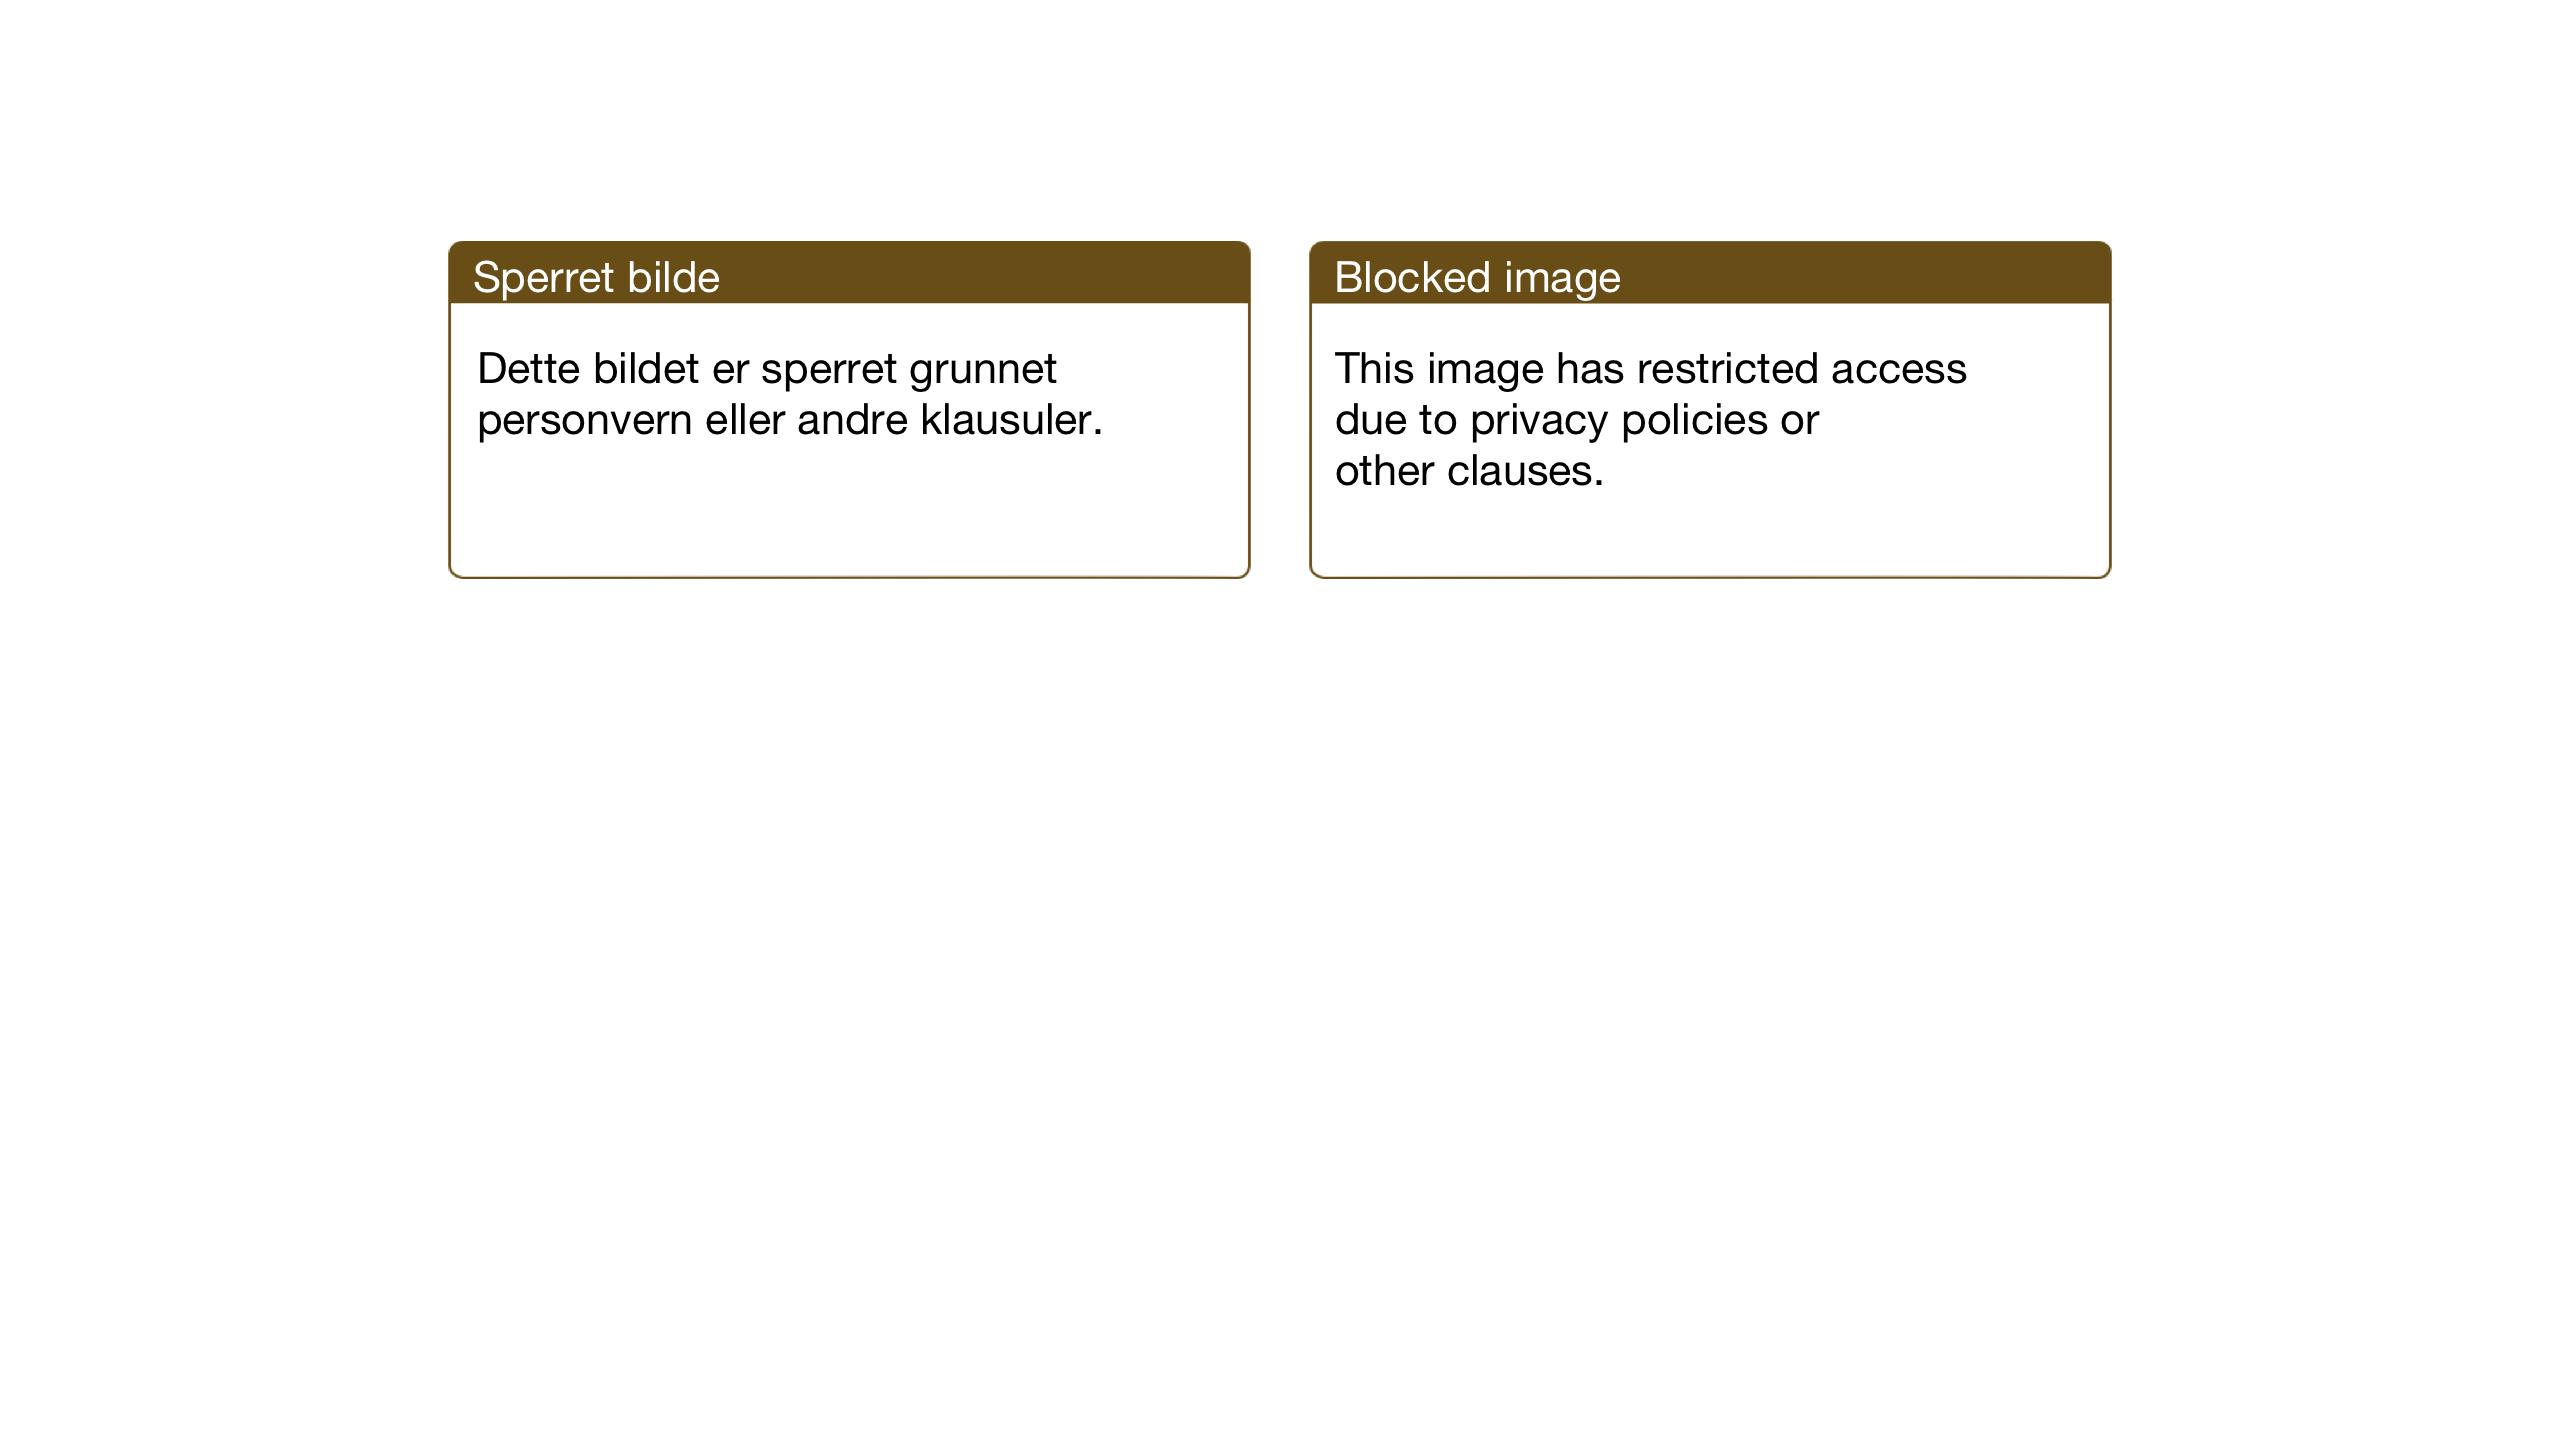 SAT, Ministerialprotokoller, klokkerbøker og fødselsregistre - Sør-Trøndelag, 682/L0947: Klokkerbok nr. 682C01, 1926-1968, s. 96